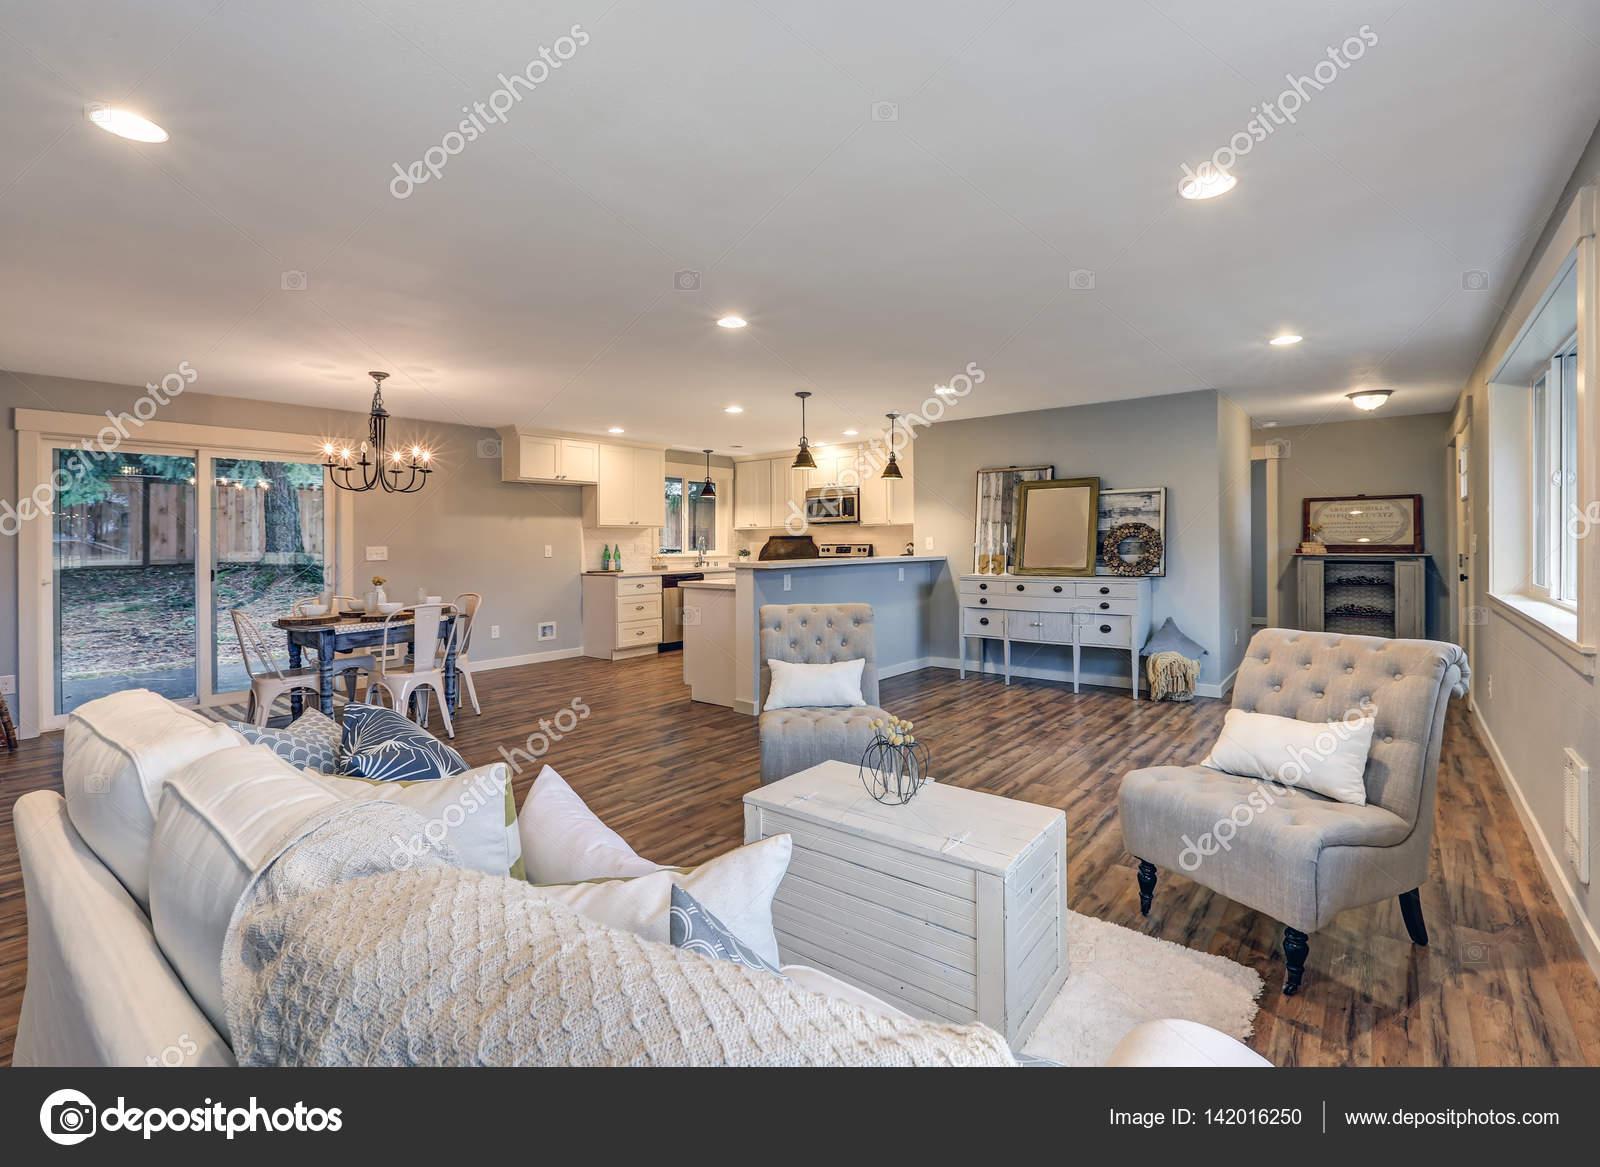 Luchtig licht gevuld woonkamer in zachte kleuren van blauw en grijs ...